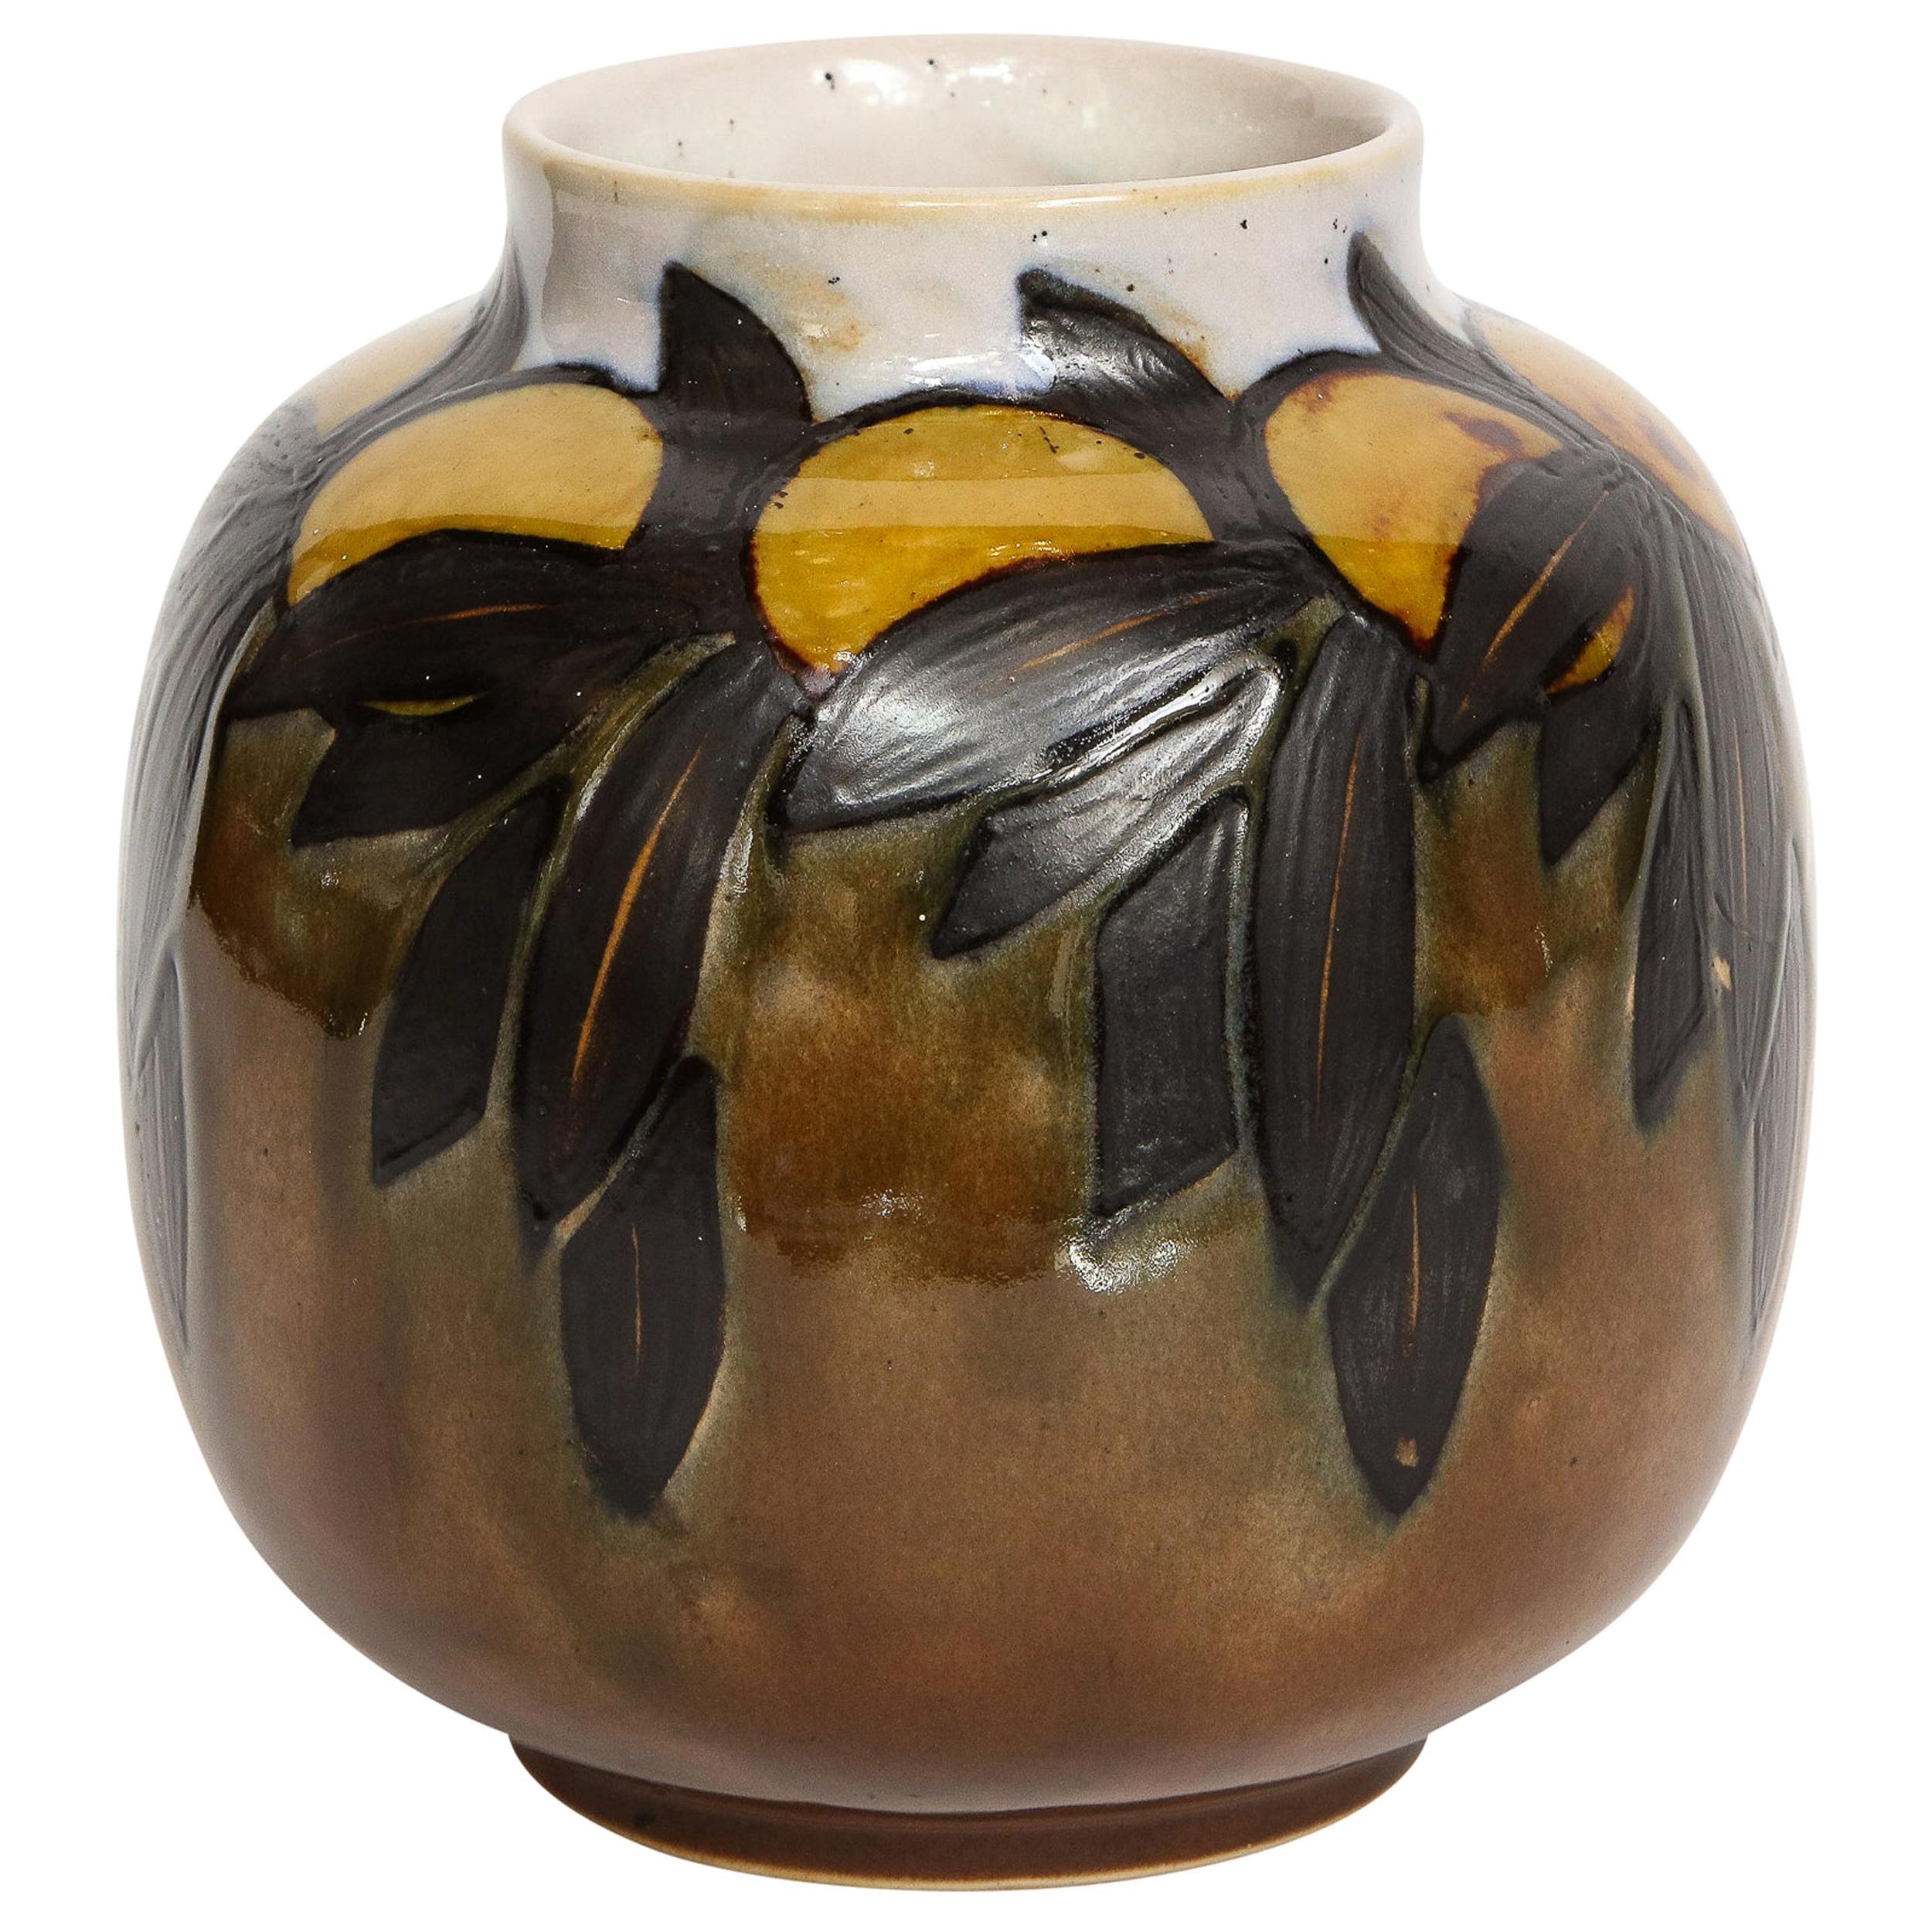 Art Deco Hand Painted Stylized Foliate Glazed Ceramic Vase Signed Royal Doulton